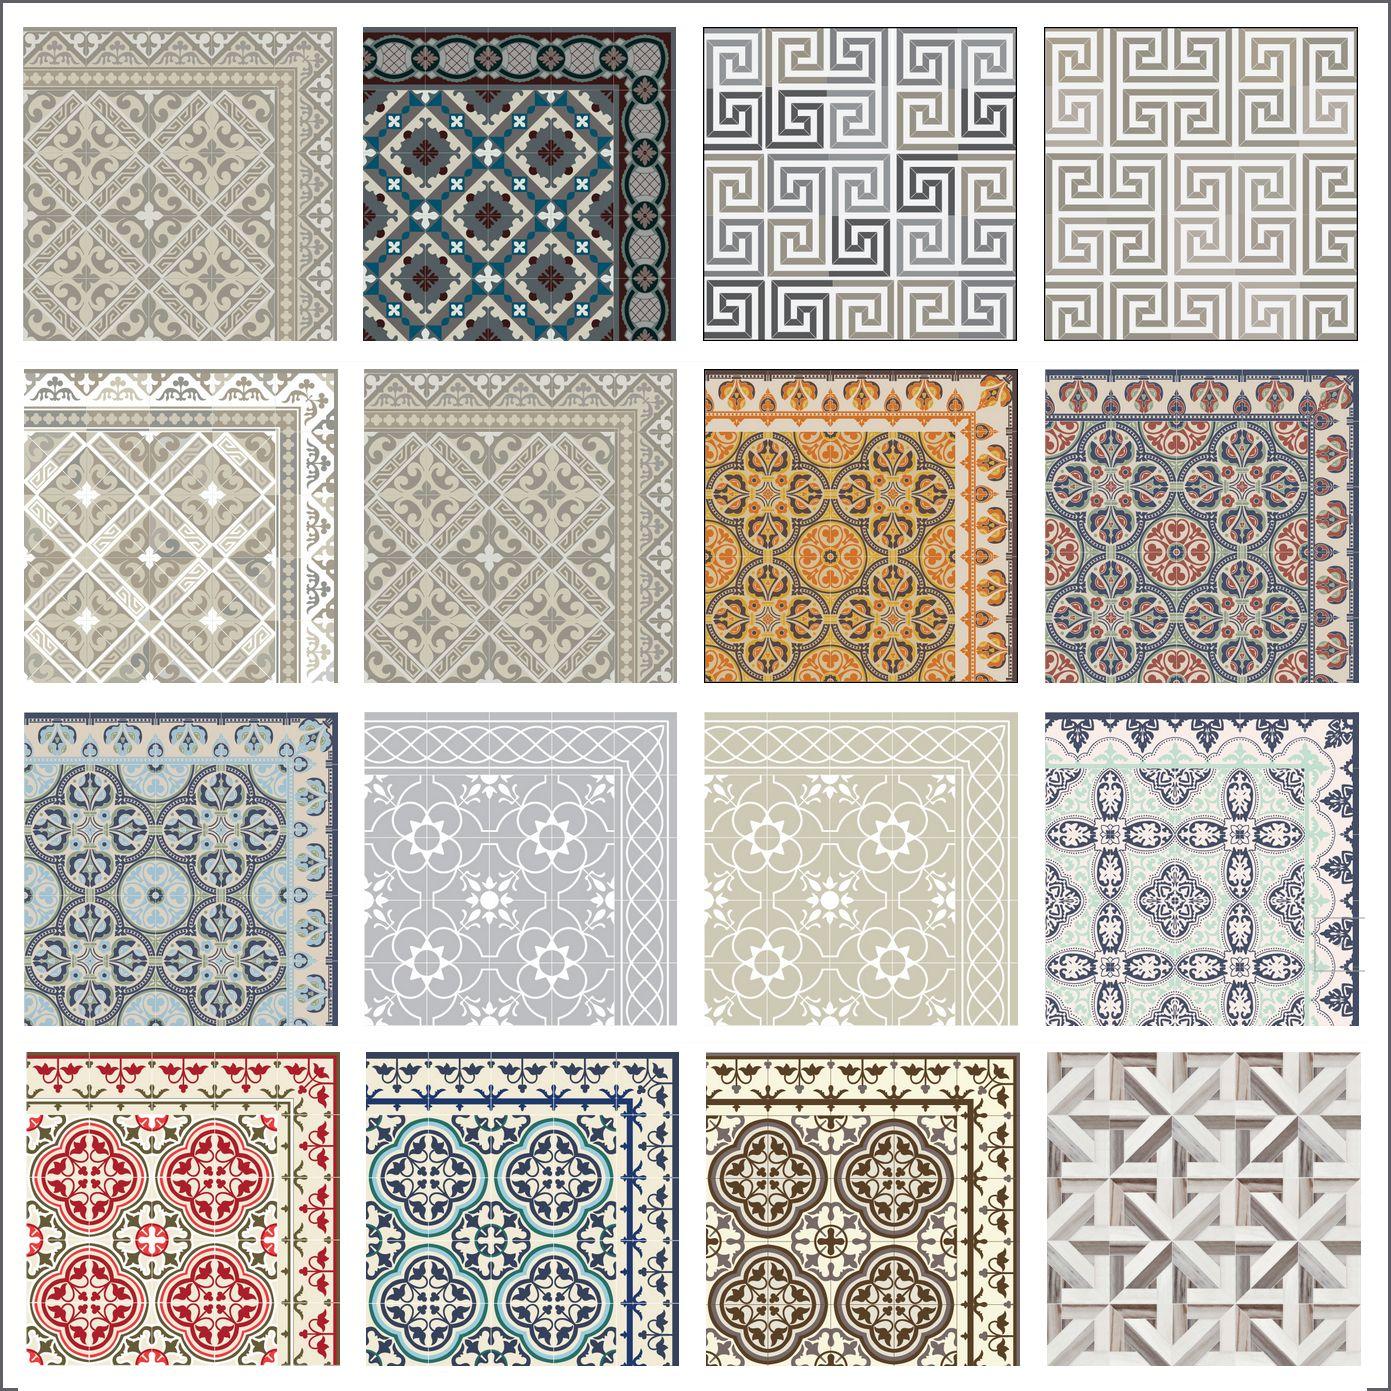 Tapis Effet Carreaux De Ciment les tapis en vinyl beija flor, imitation carreaux de ciment